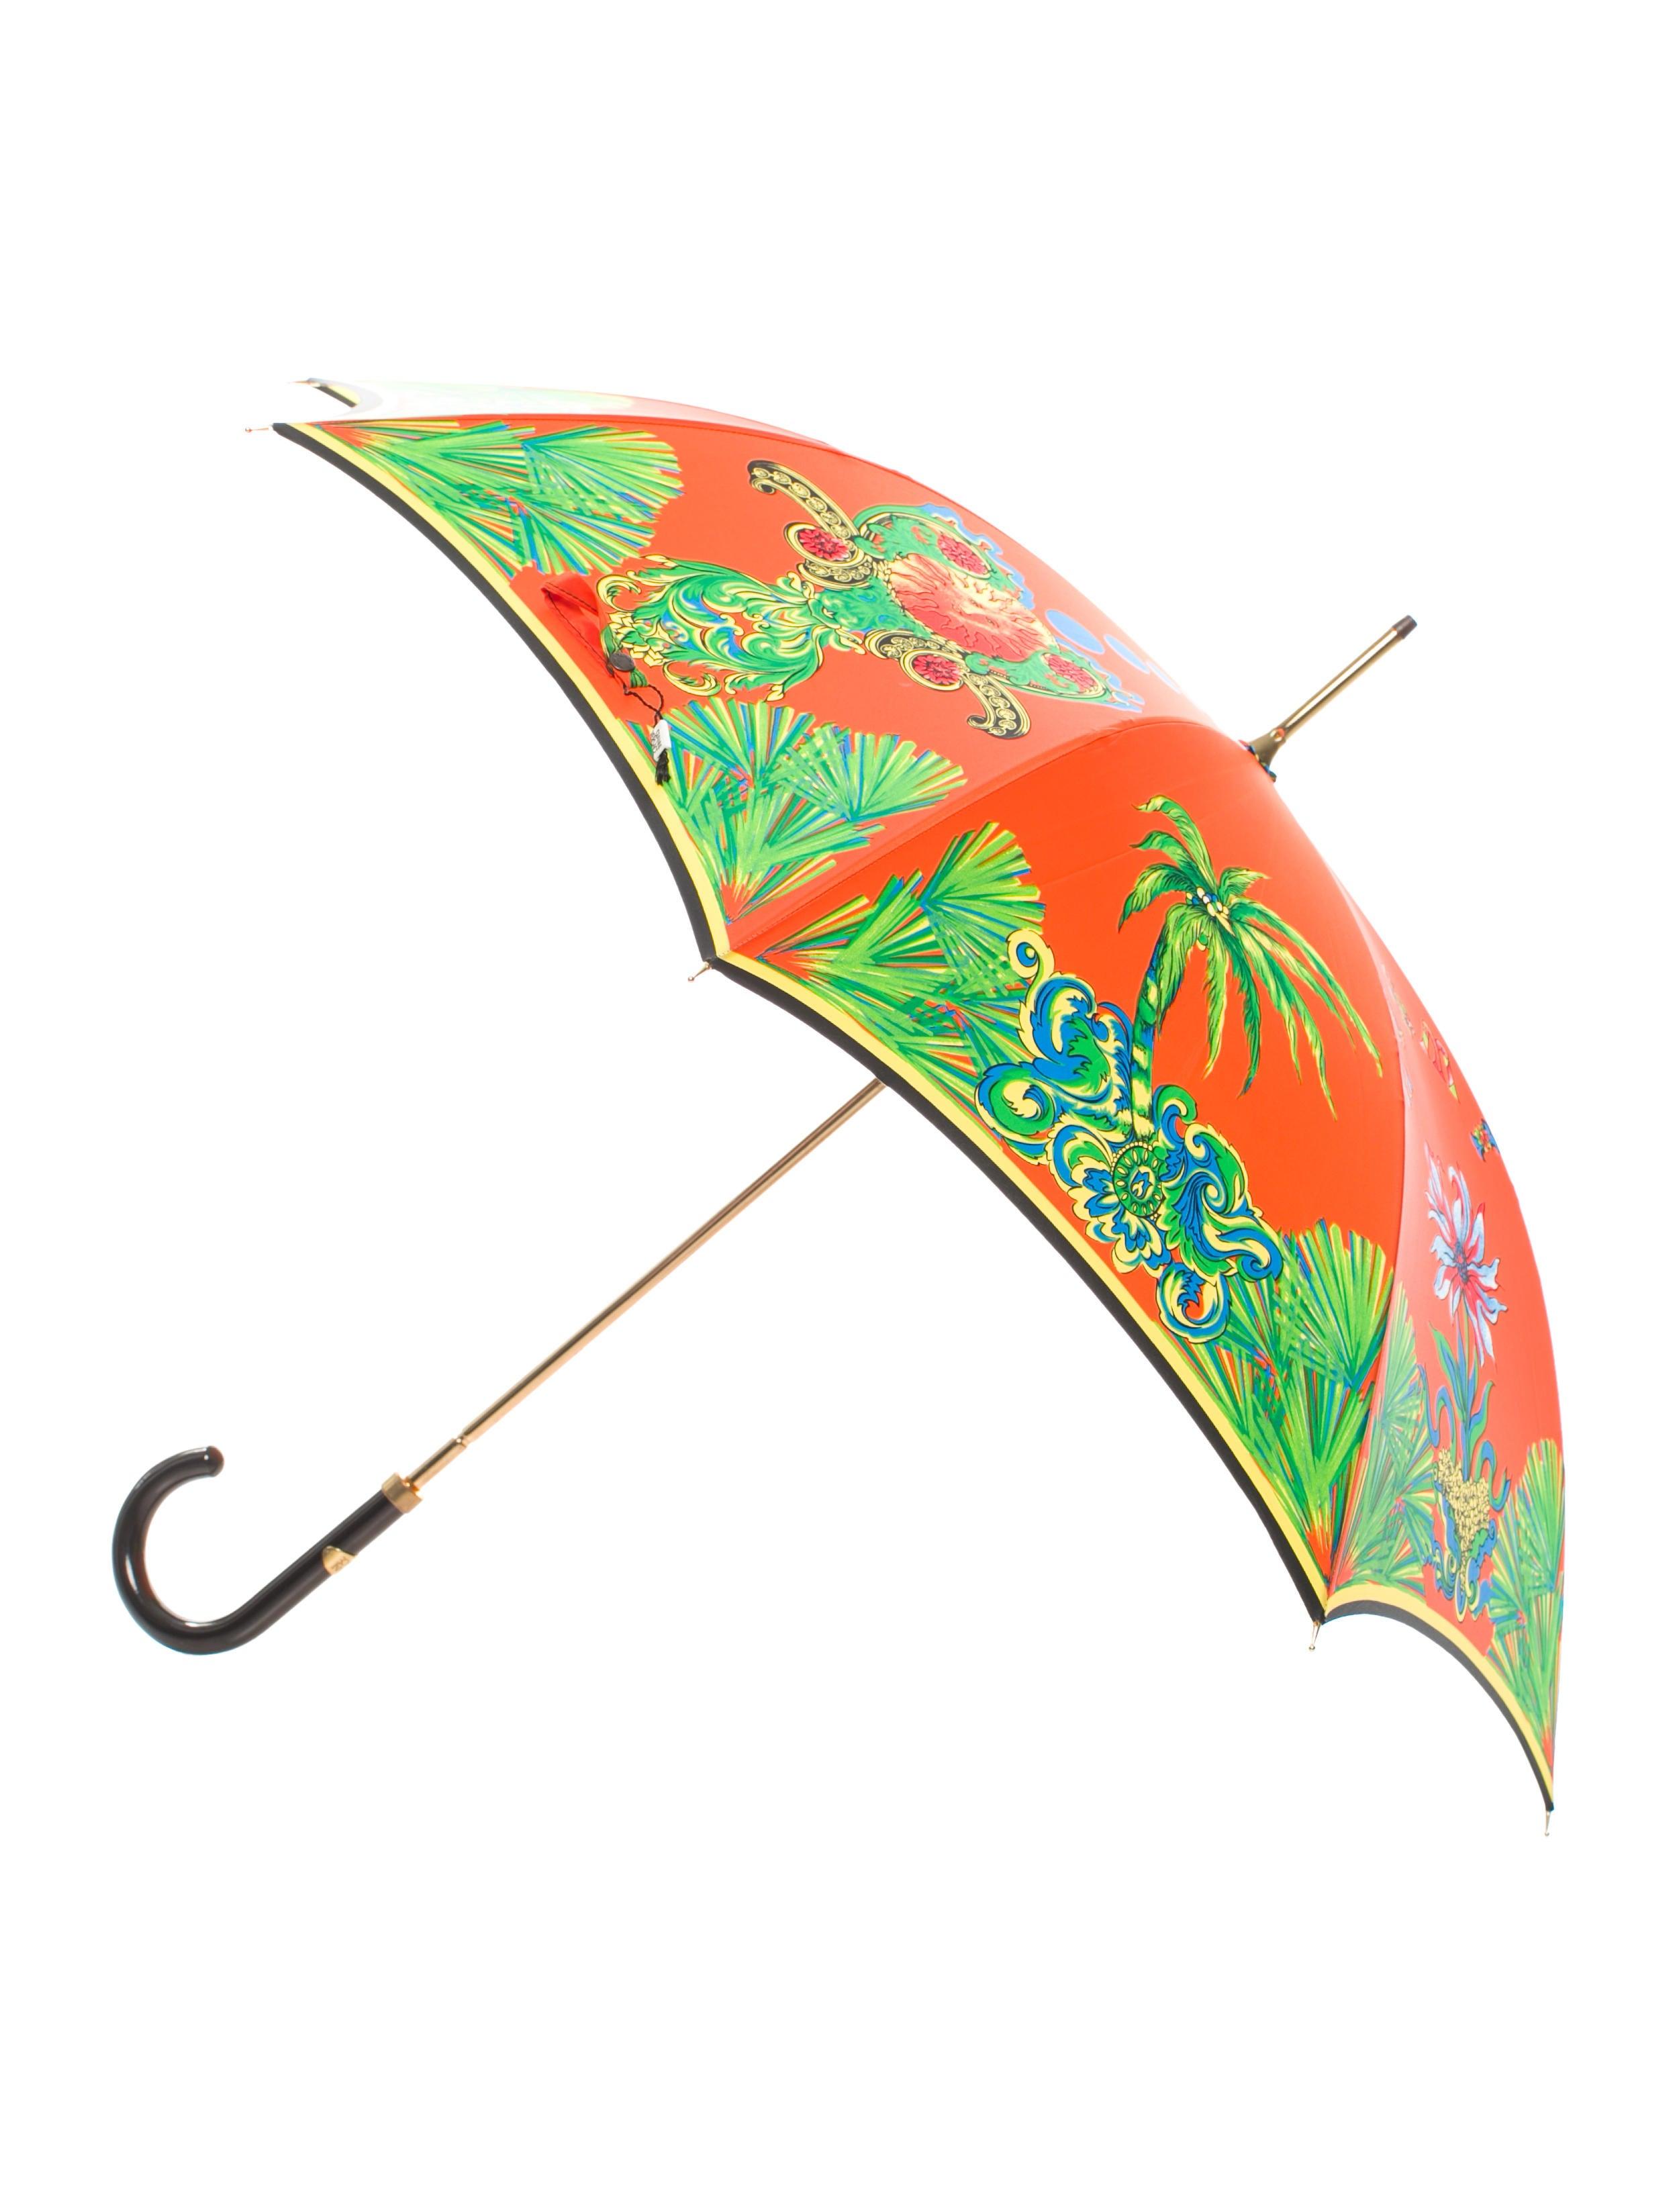 gianni versace miami print umbrella accessories gve20415 the